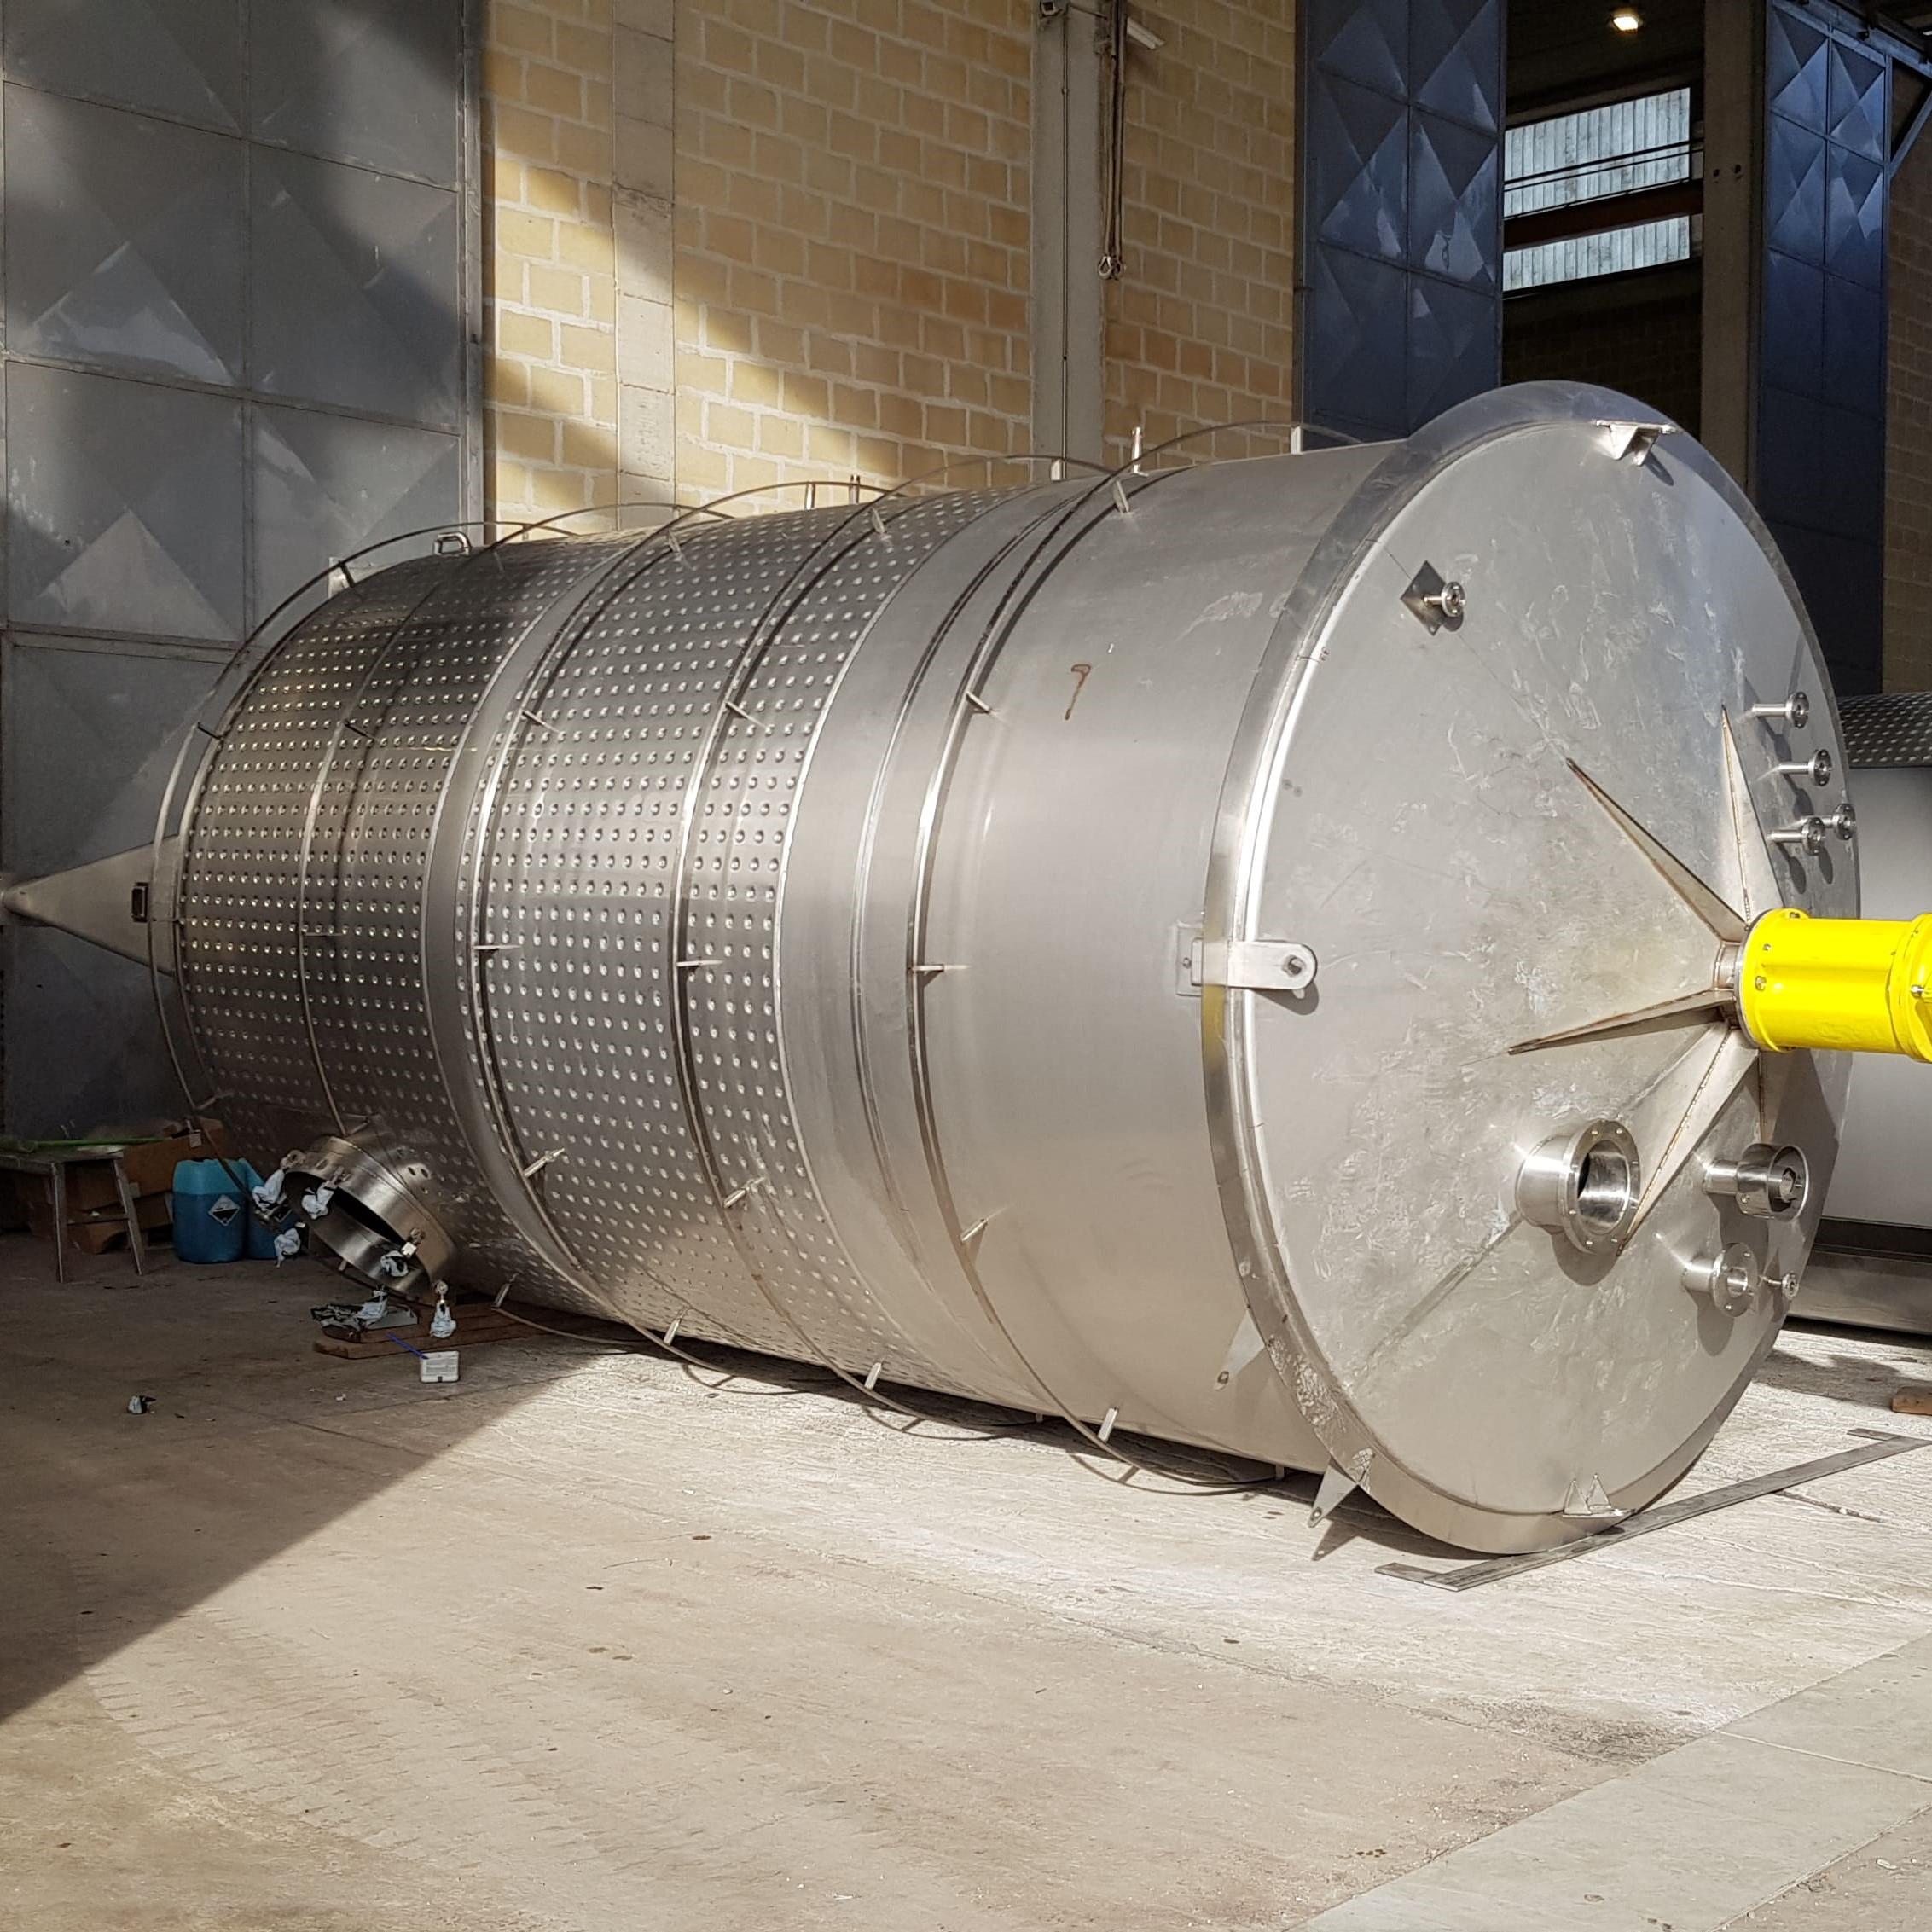 4x 30000 L mixing tanks & 3x 50000 L storage tanks